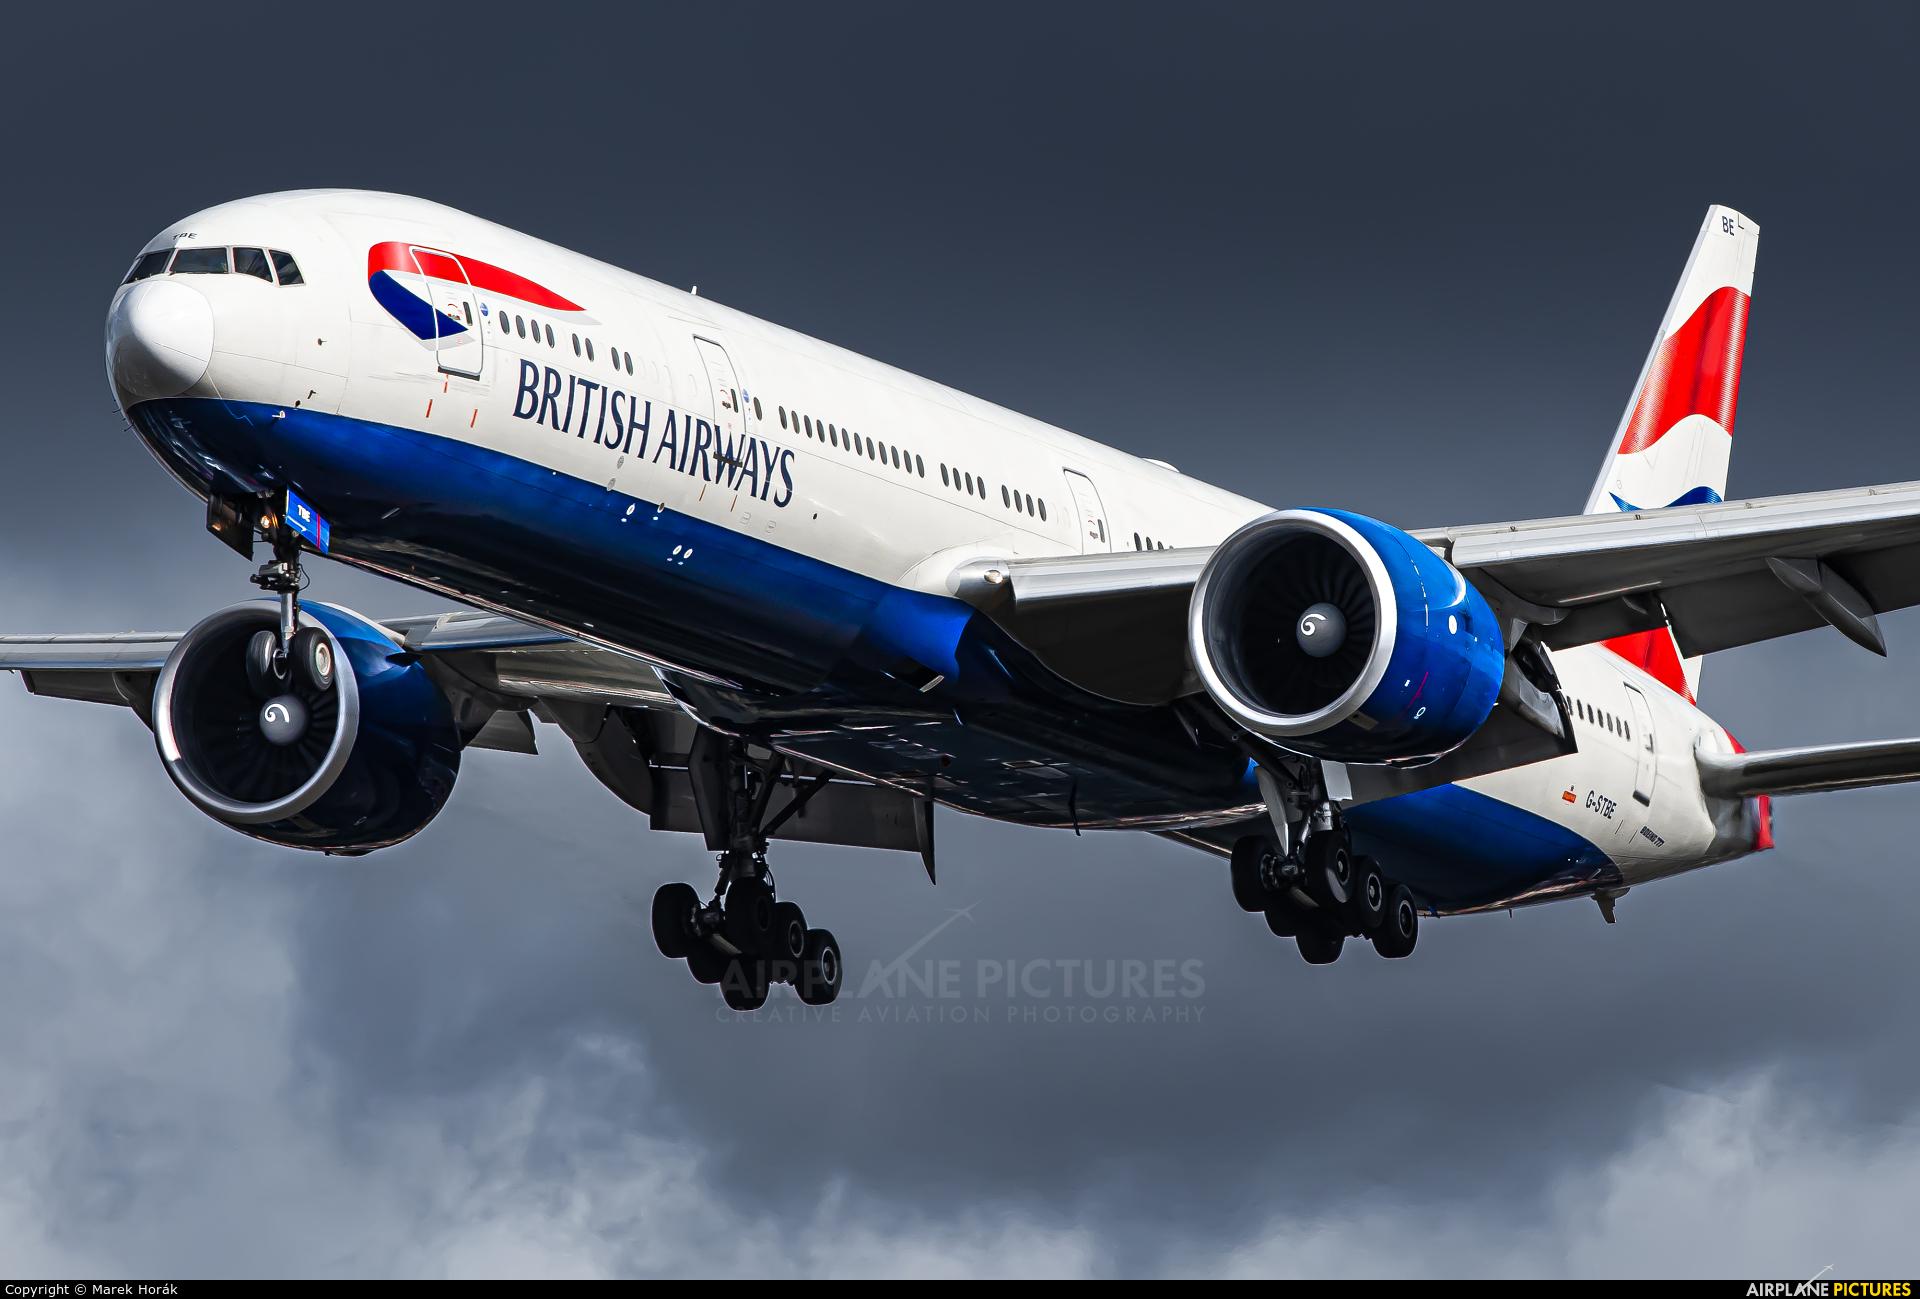 British Airways G-STBE aircraft at London - Heathrow